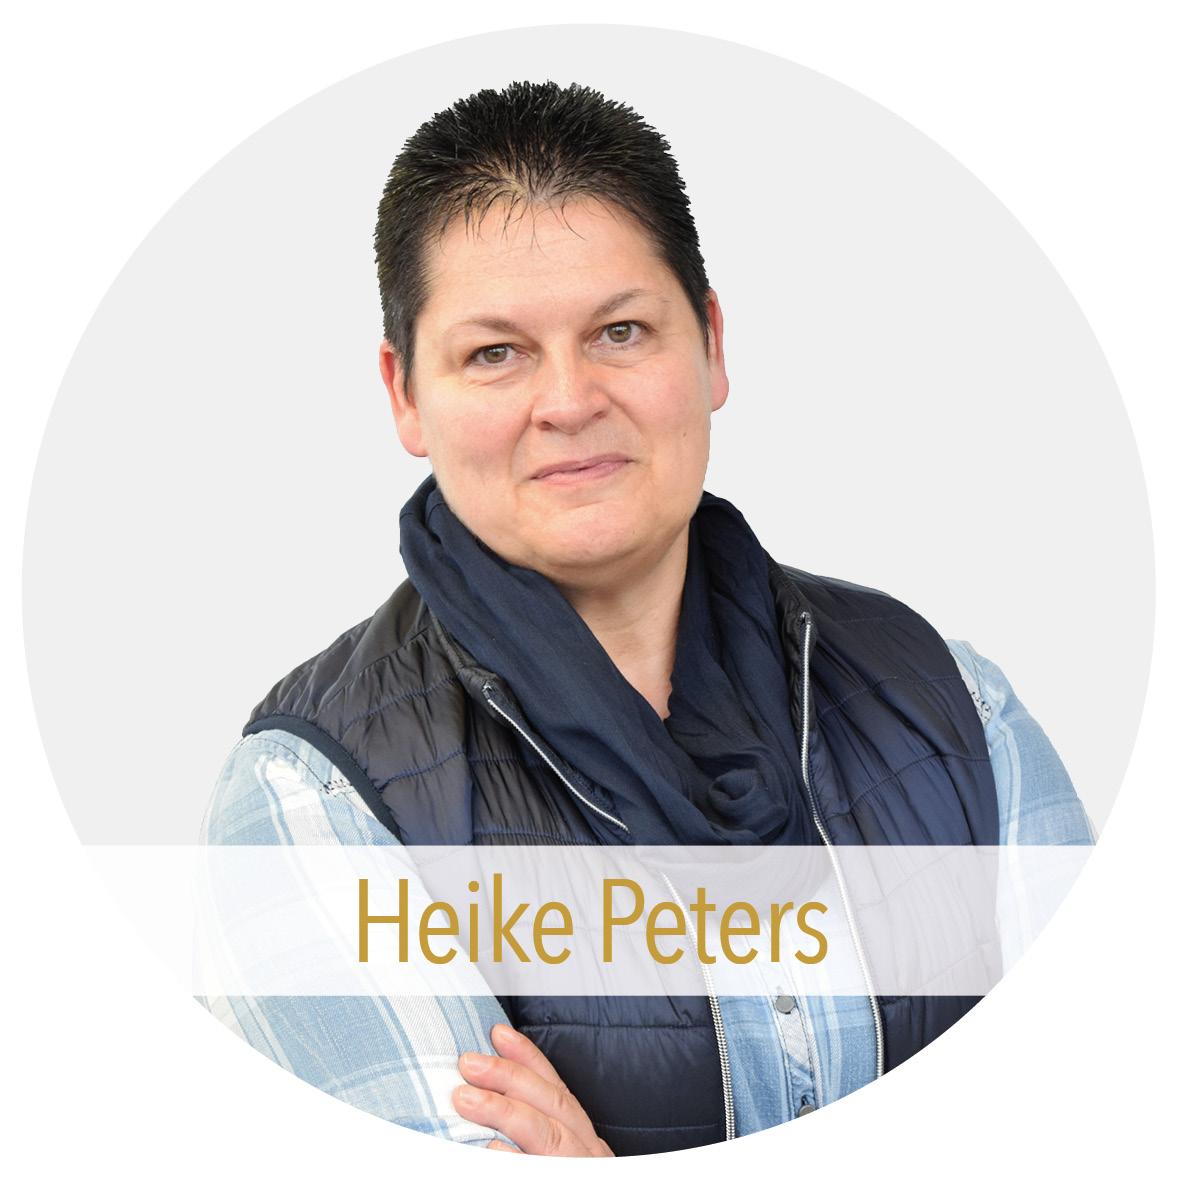 HEIKE PETERS